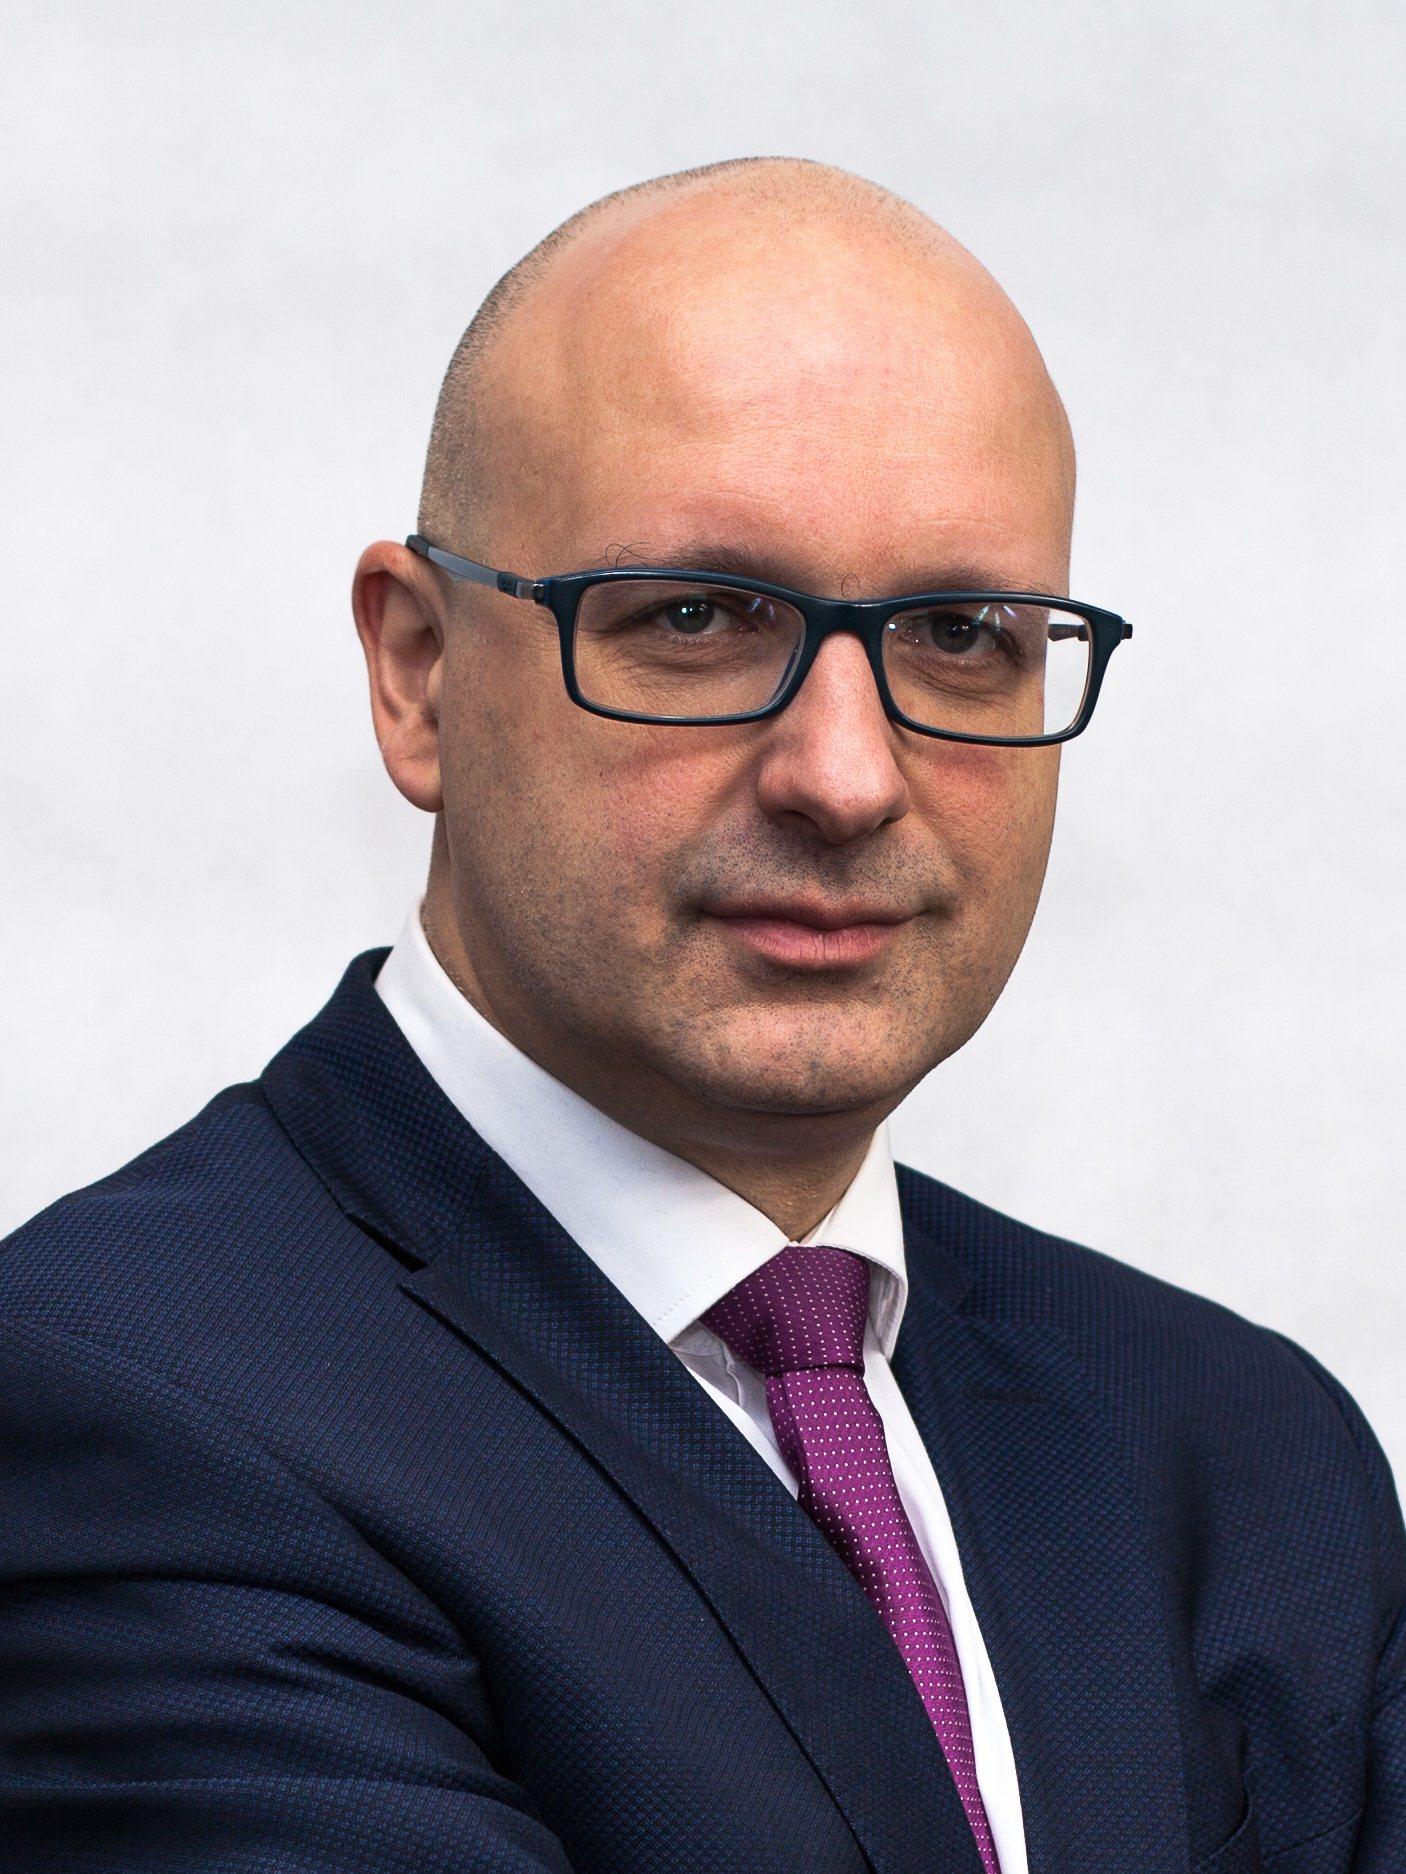 Krzysztof Gotkowicz